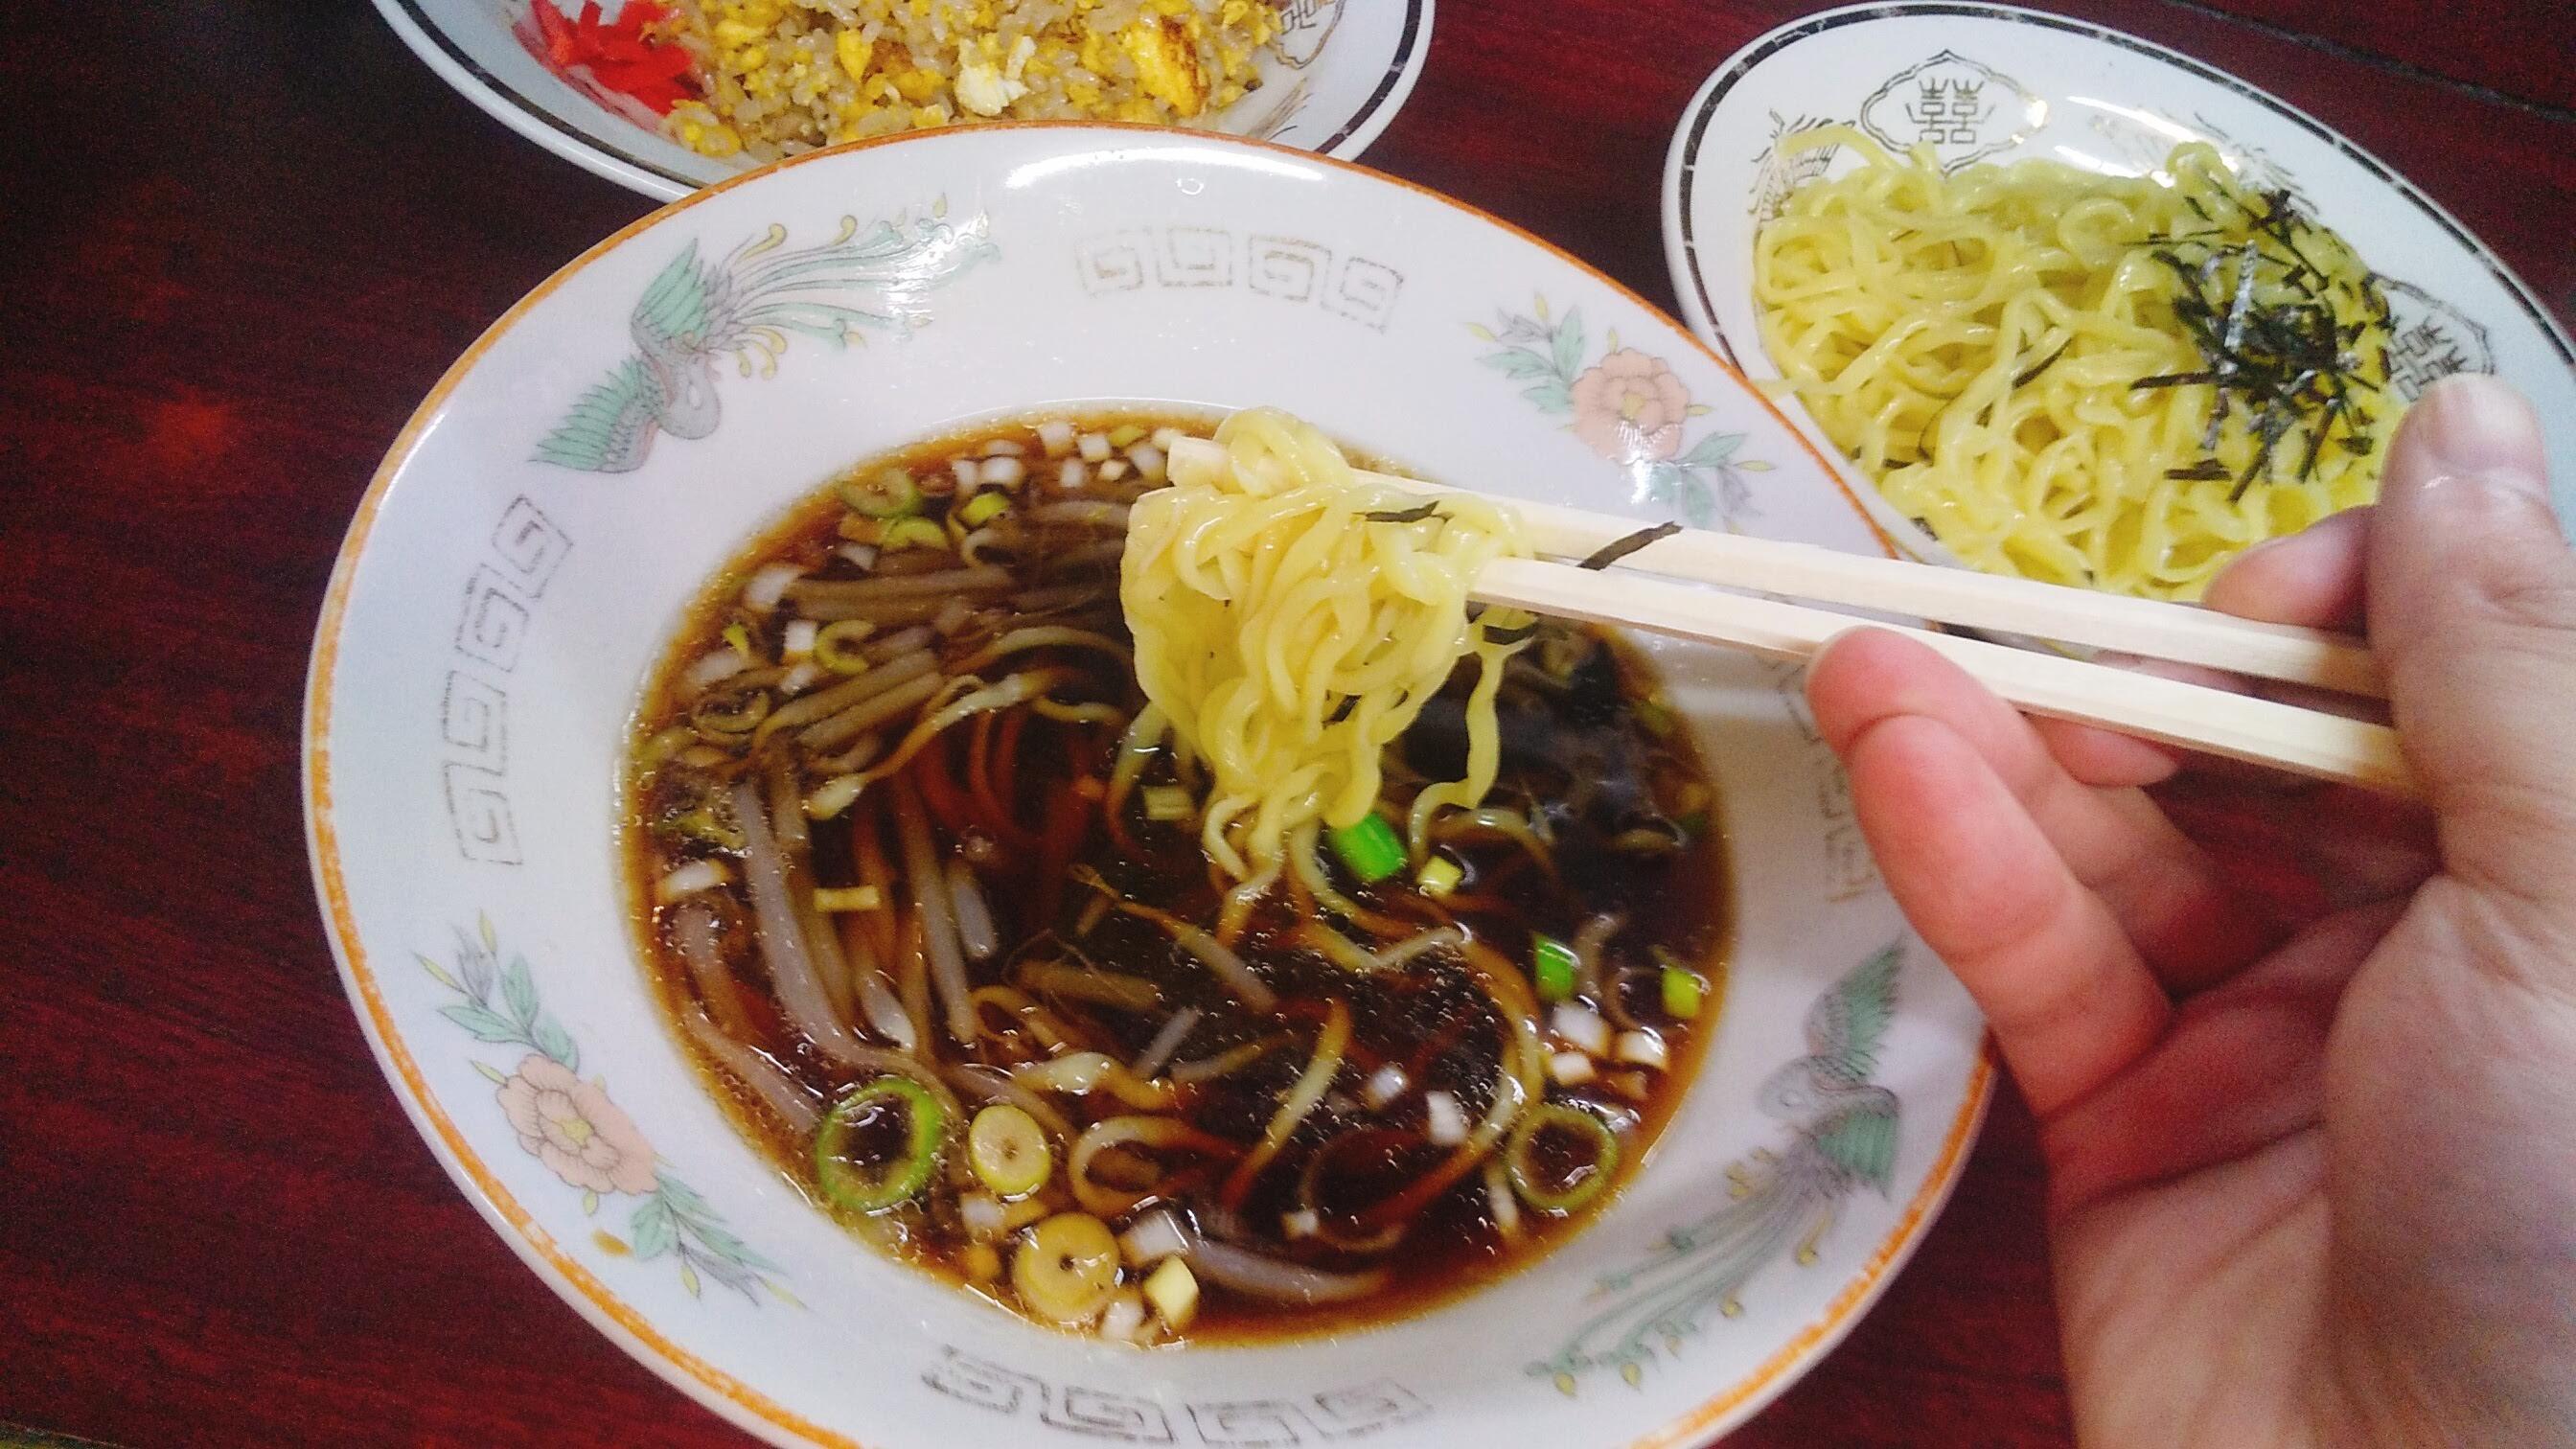 ありあけの半チャンつけ麺の麺リフト写真